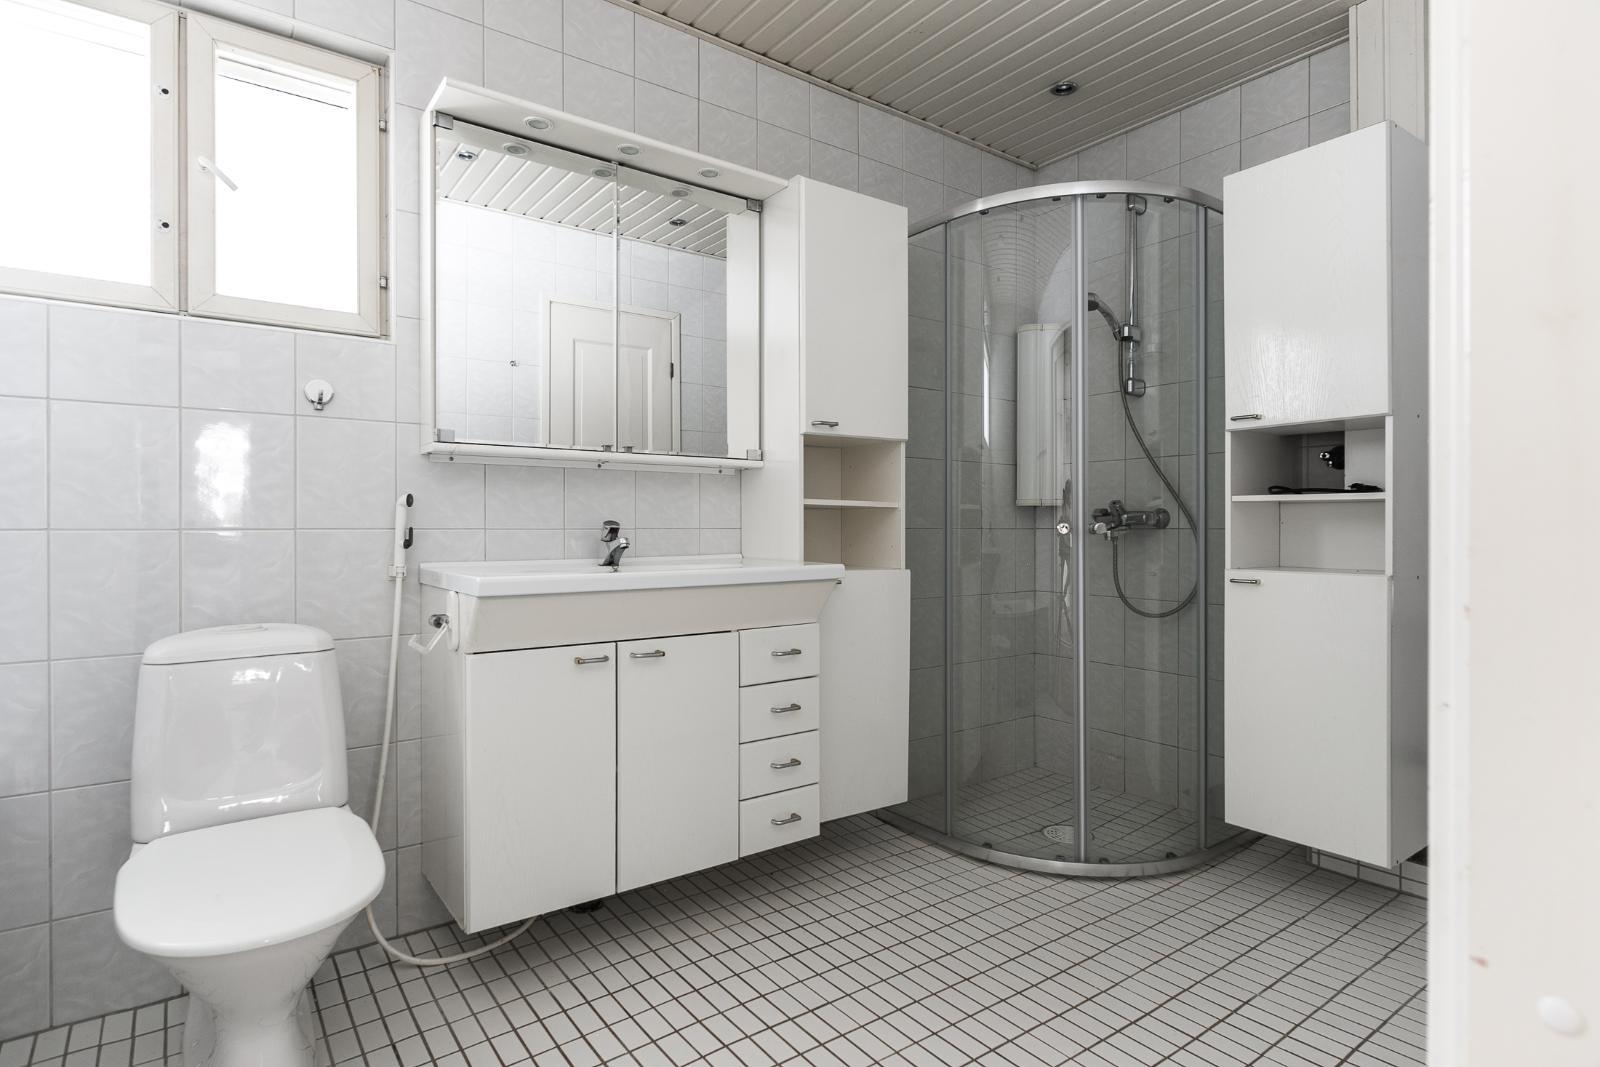 Kylpyhuoneessa tilaa myös pyykkihuollolle title=